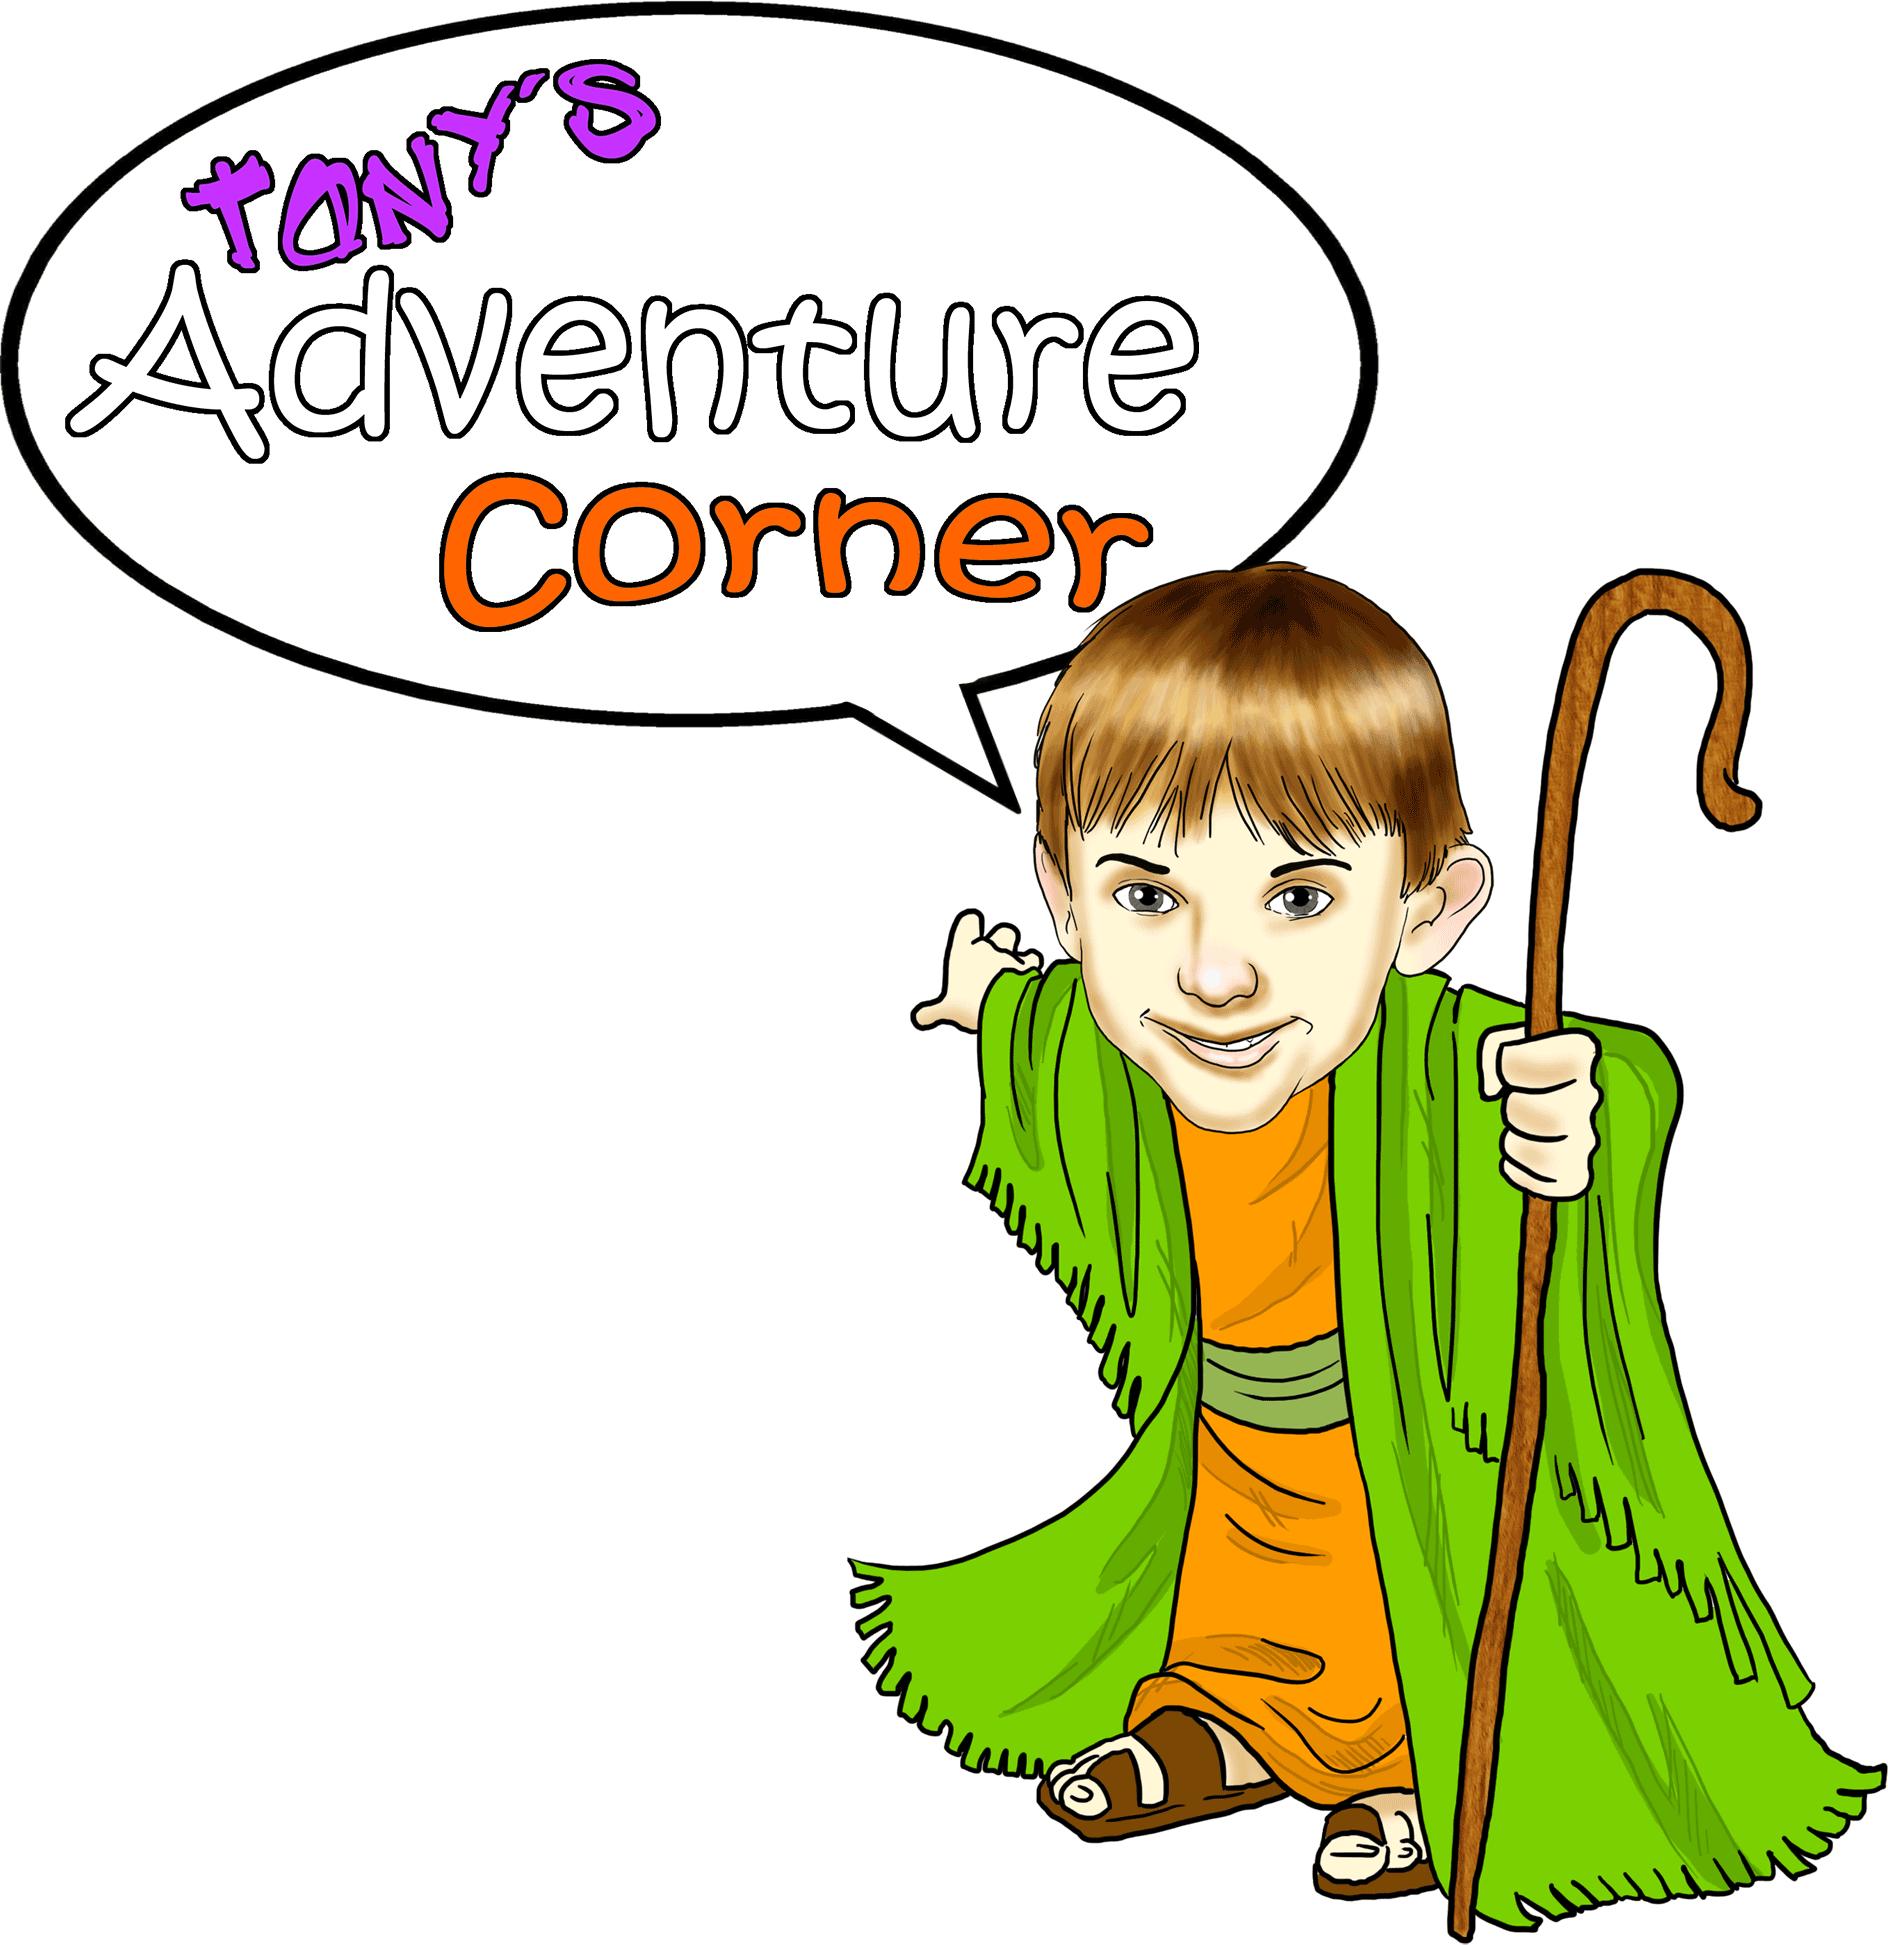 Tony's Adventure Corner